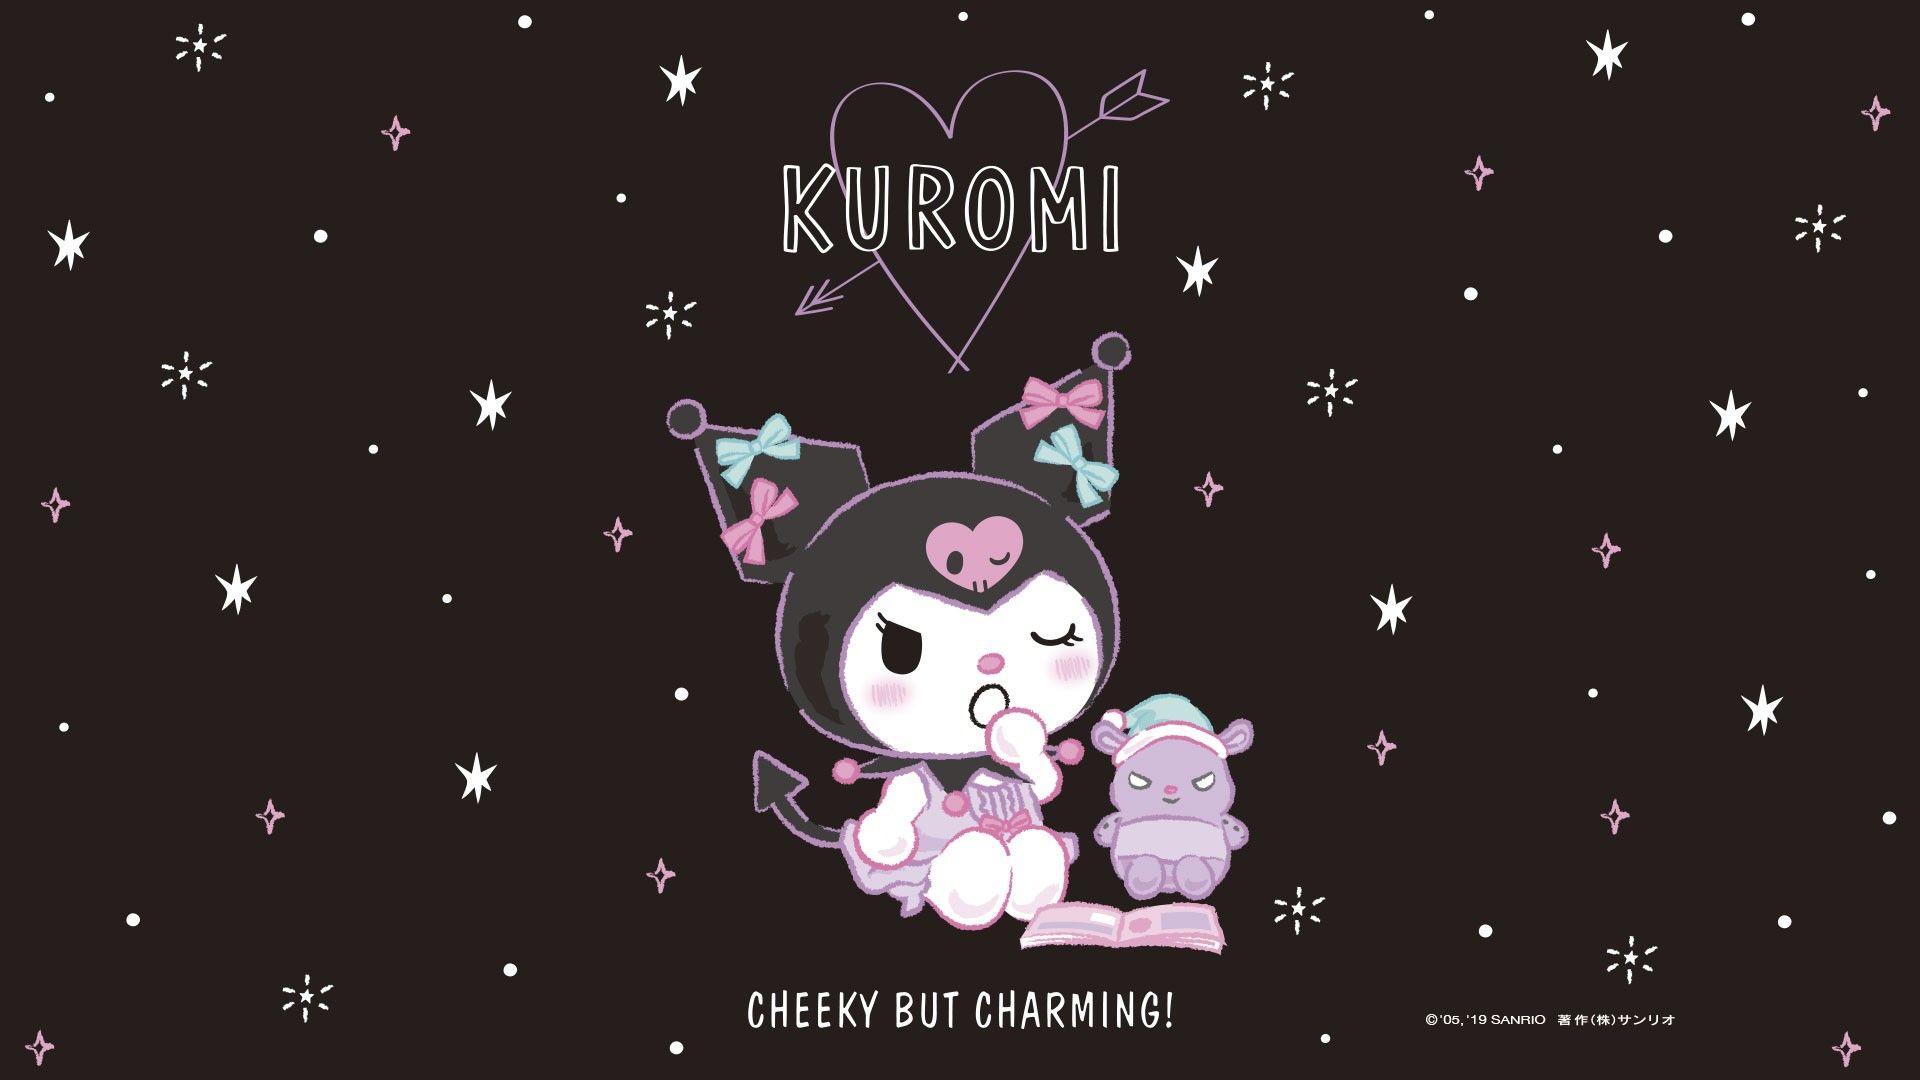 Kuromi Wallpaper In 2020 Sanrio Wallpaper Hello Kitty Hello Kitty Birthday